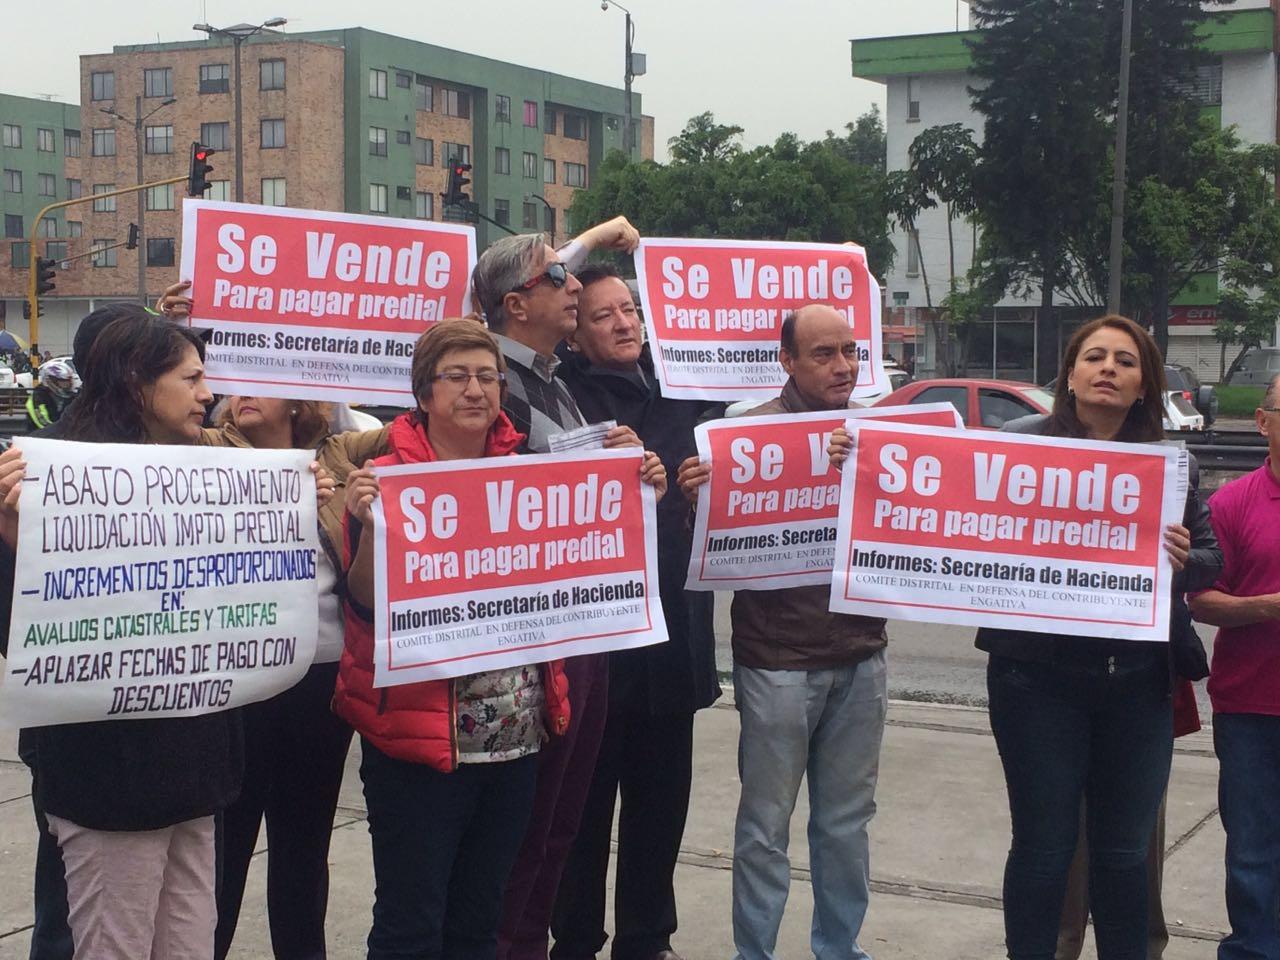 Veinte concejales de distintas bancadas solicitan al alcalde Peñalosa aplazar la fecha de pago con descuento del impuesto predial.